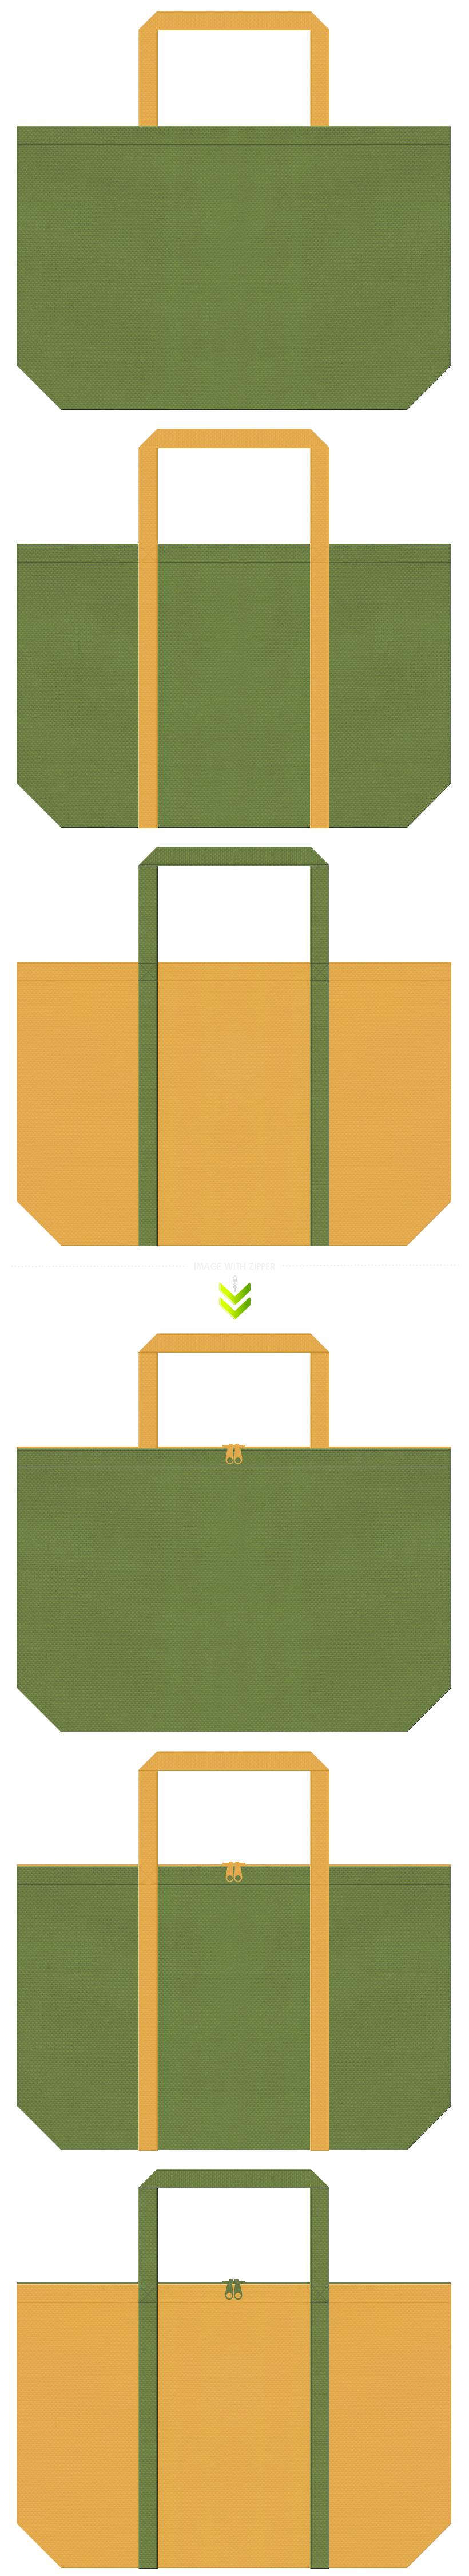 草色と黄土色の不織布バッグデザイン。